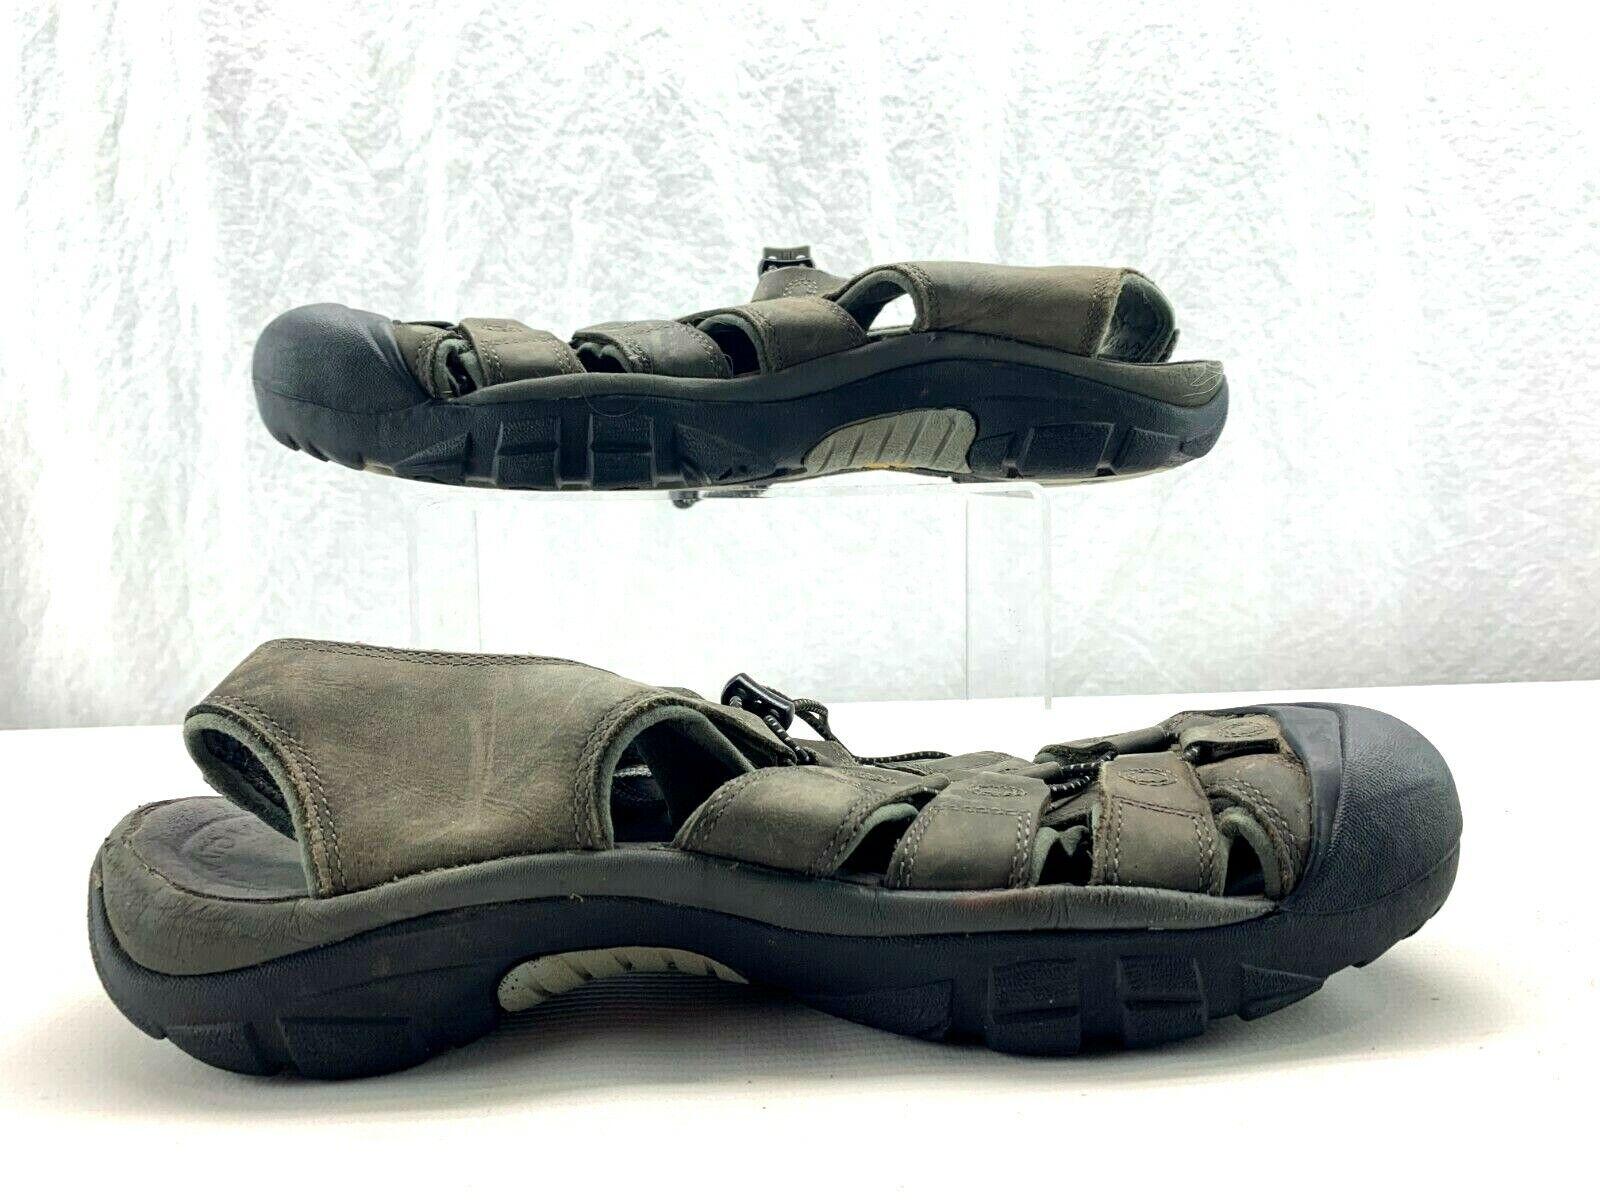 KEEN 1010122 Men's Men's Men's Newport Water Sport Outdoor Sandals Green Black US Size 11.5 18362e